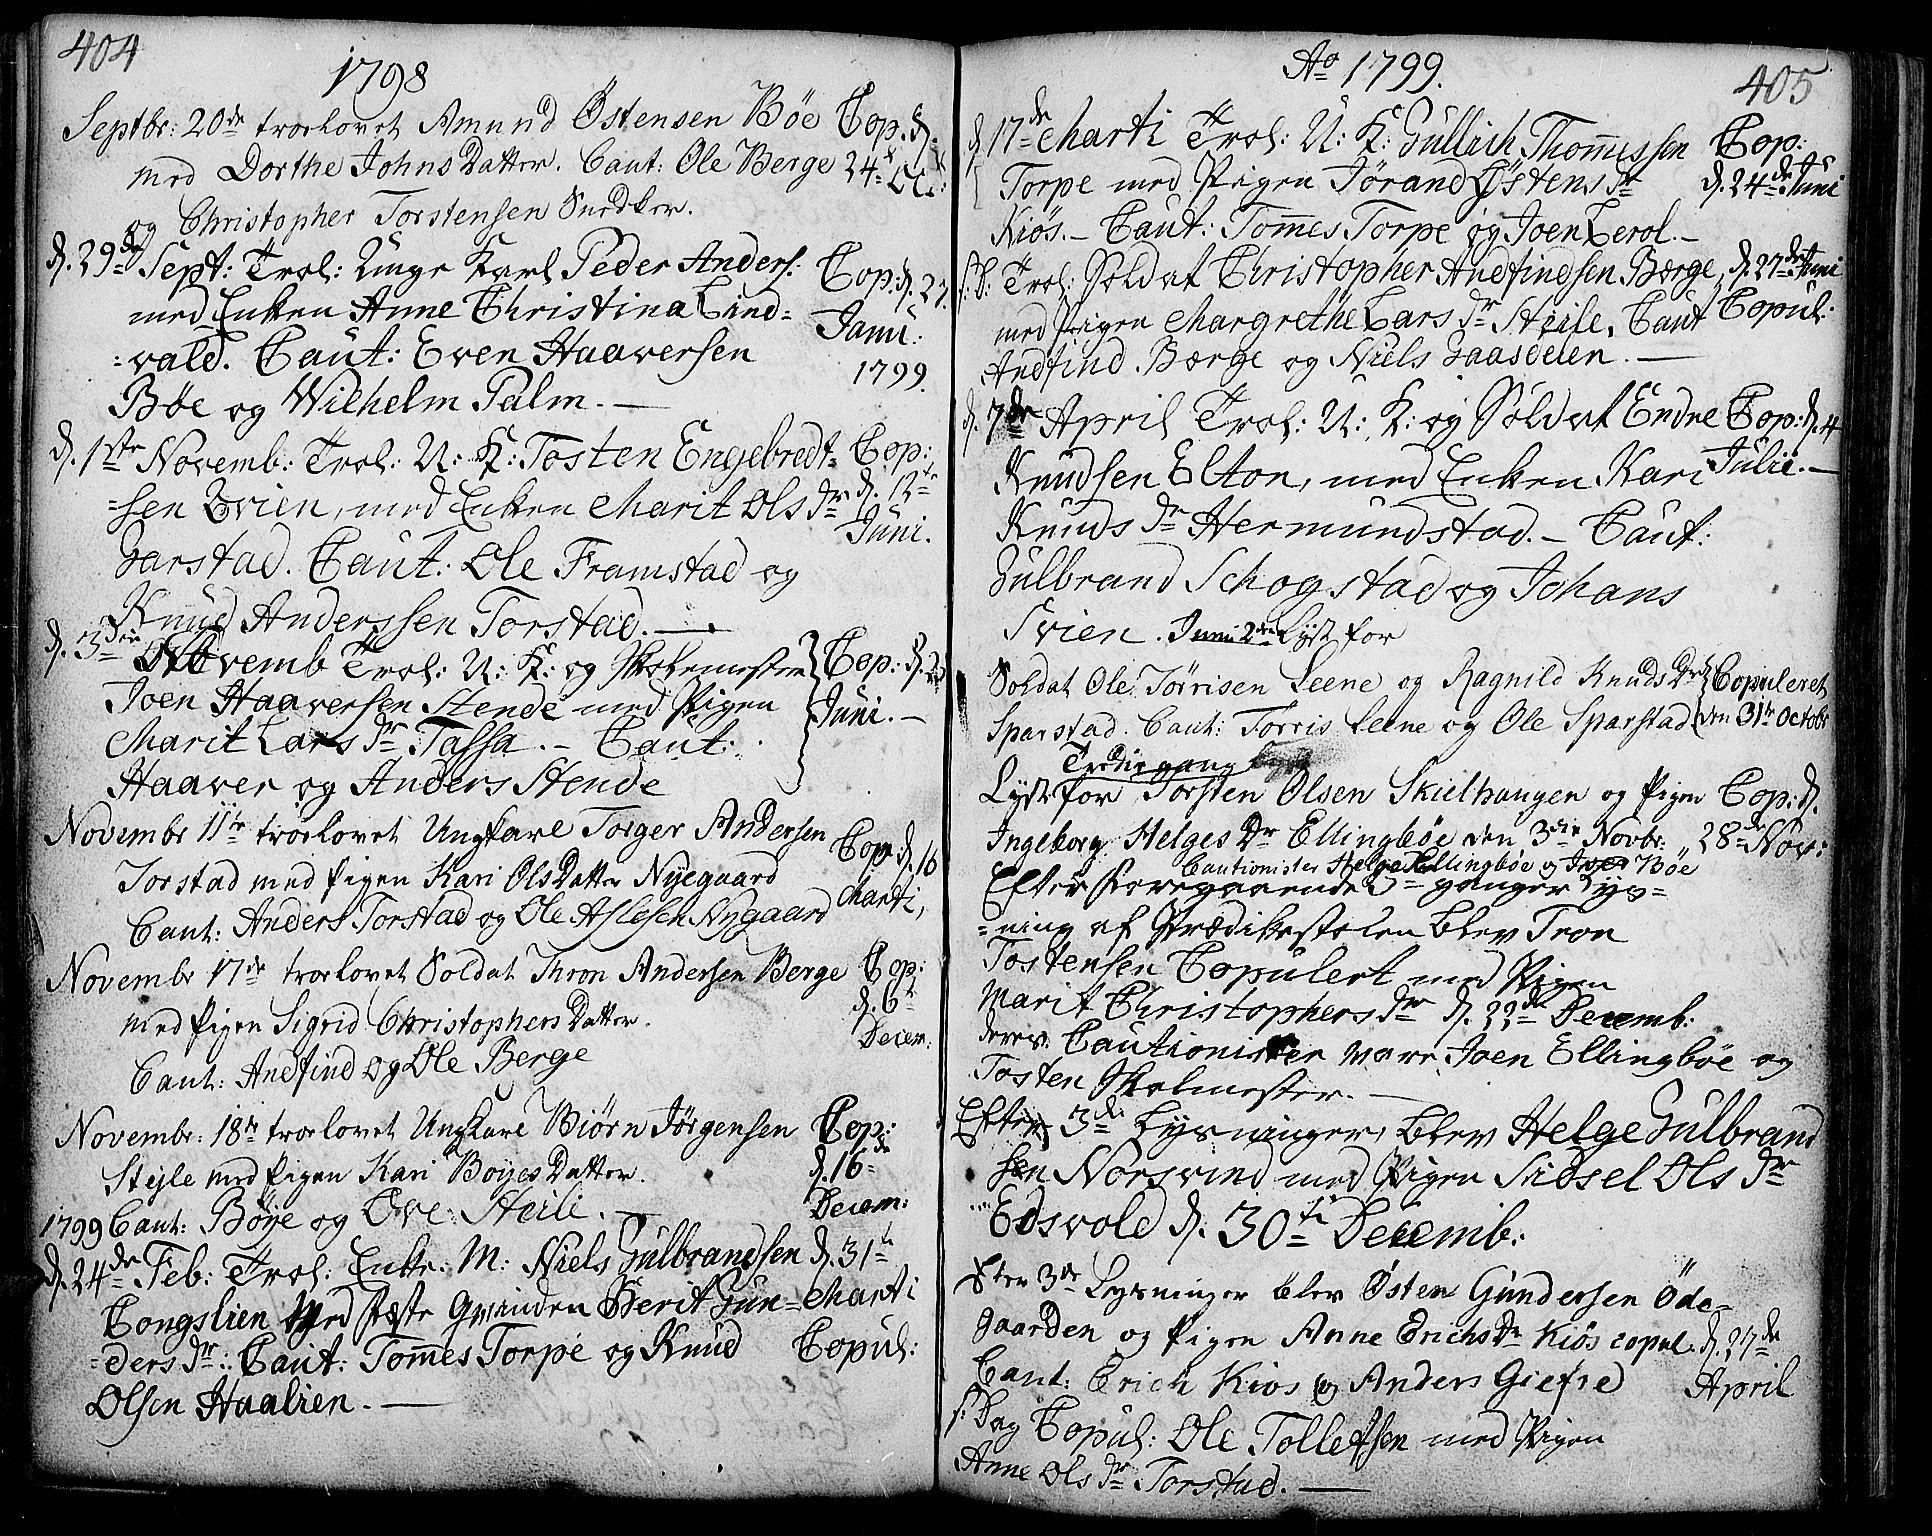 SAH, Vang prestekontor, Valdres, Ministerialbok nr. 2, 1796-1808, s. 404-405